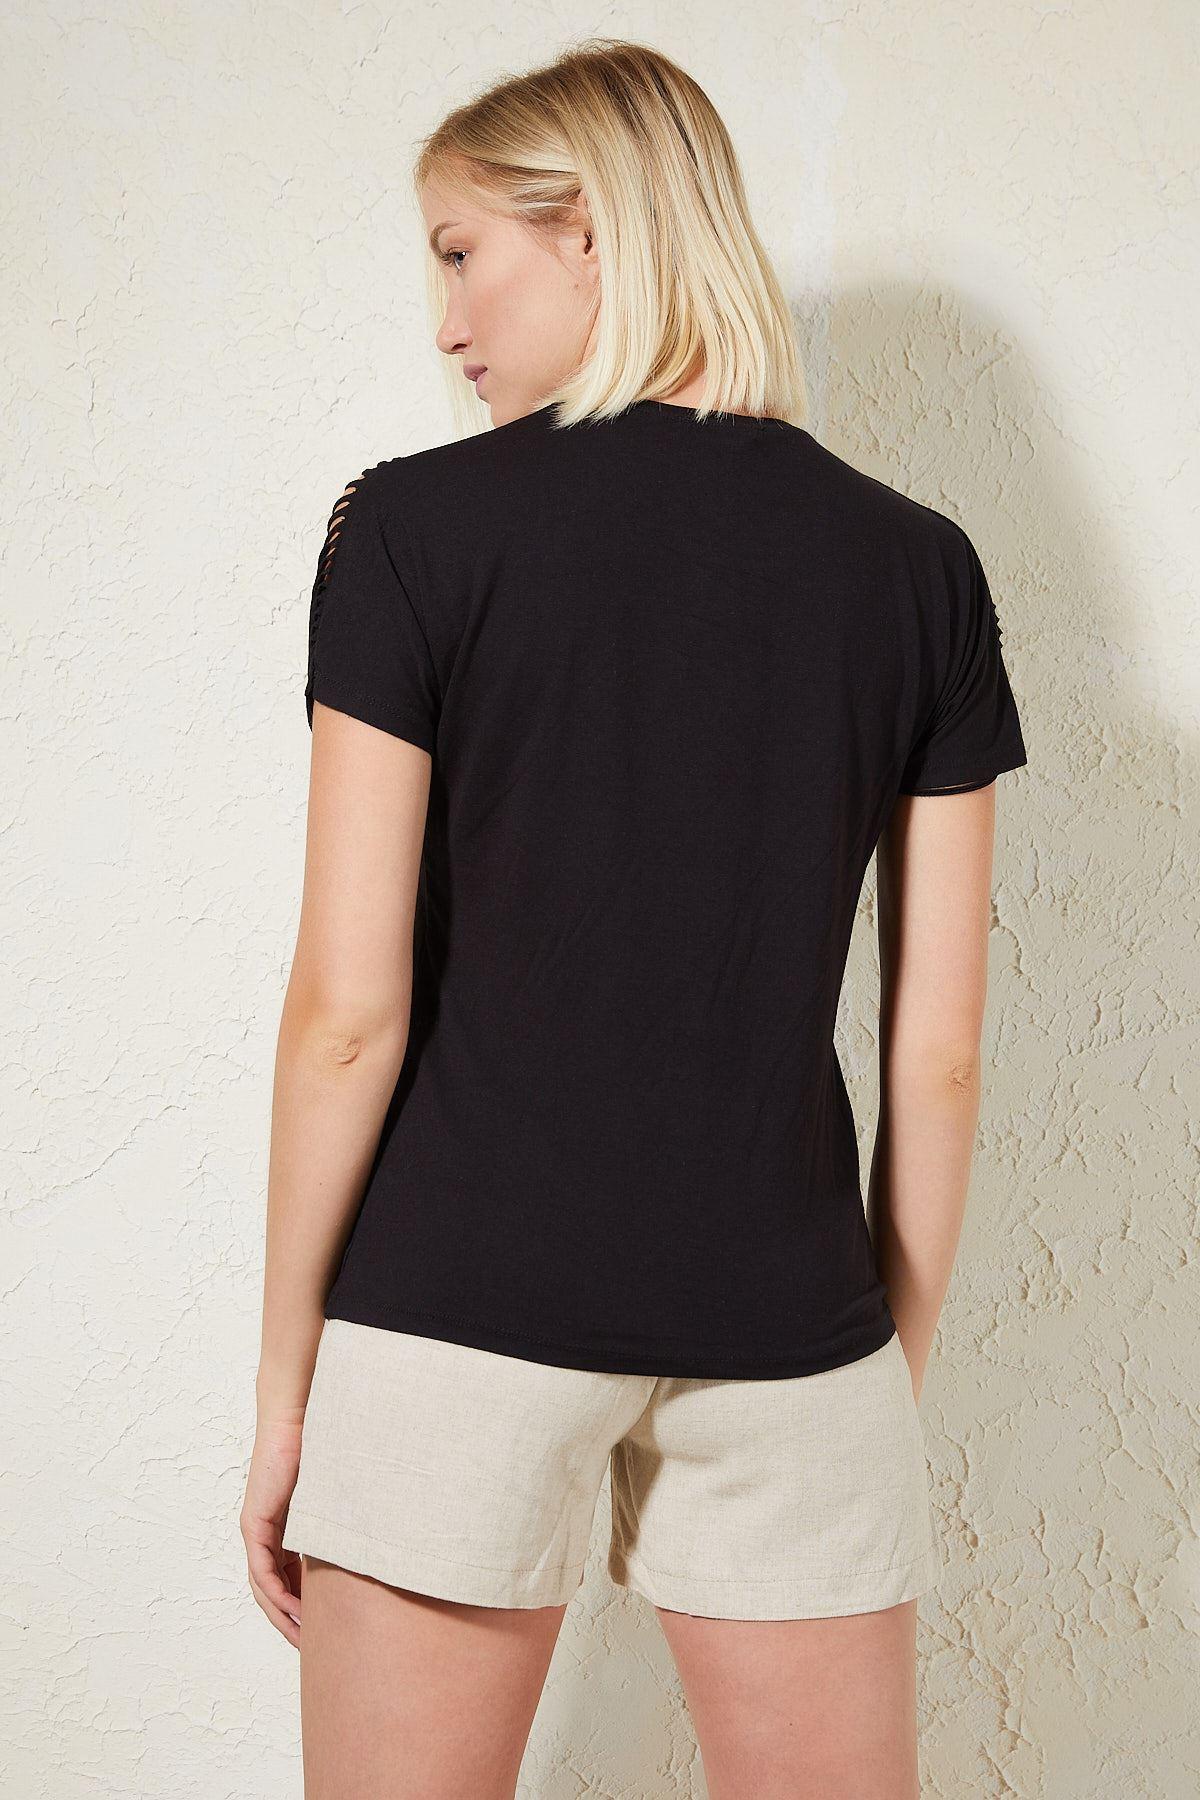 Kolu Lazer Kesim Siyah Penye Bluz